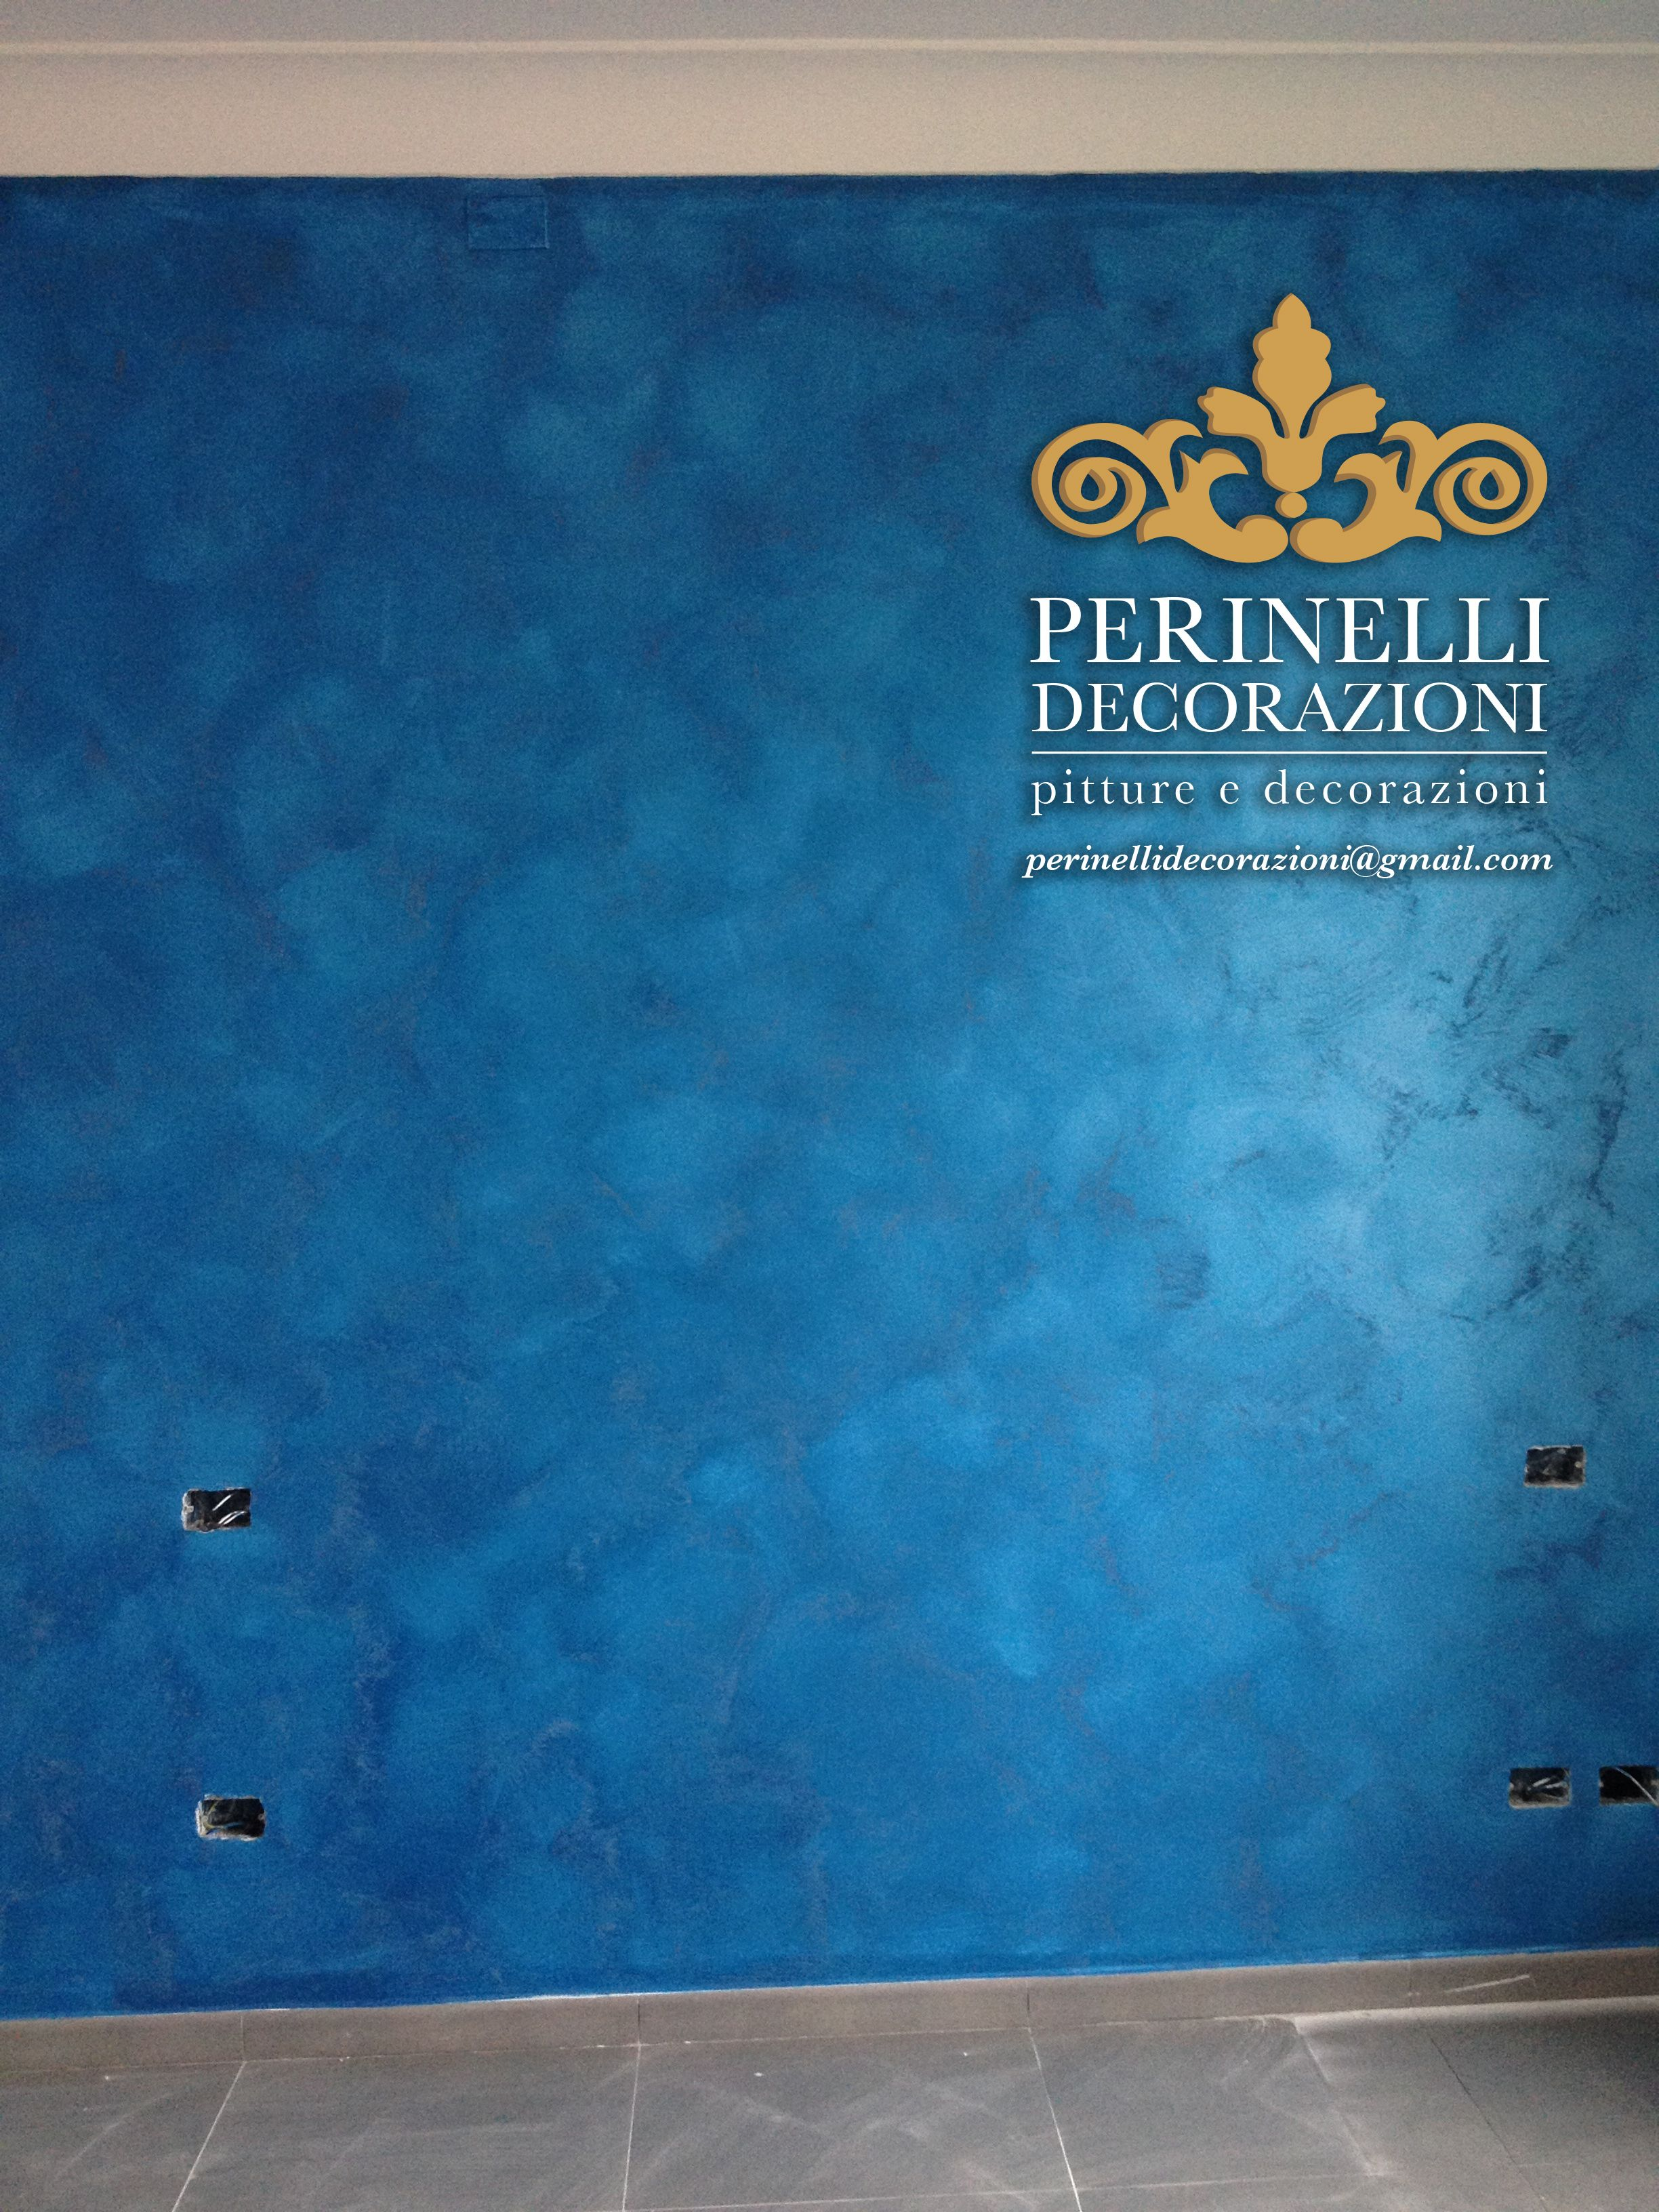 Pin di Perinelli Decorazioni su Pitture murali | Murale ...